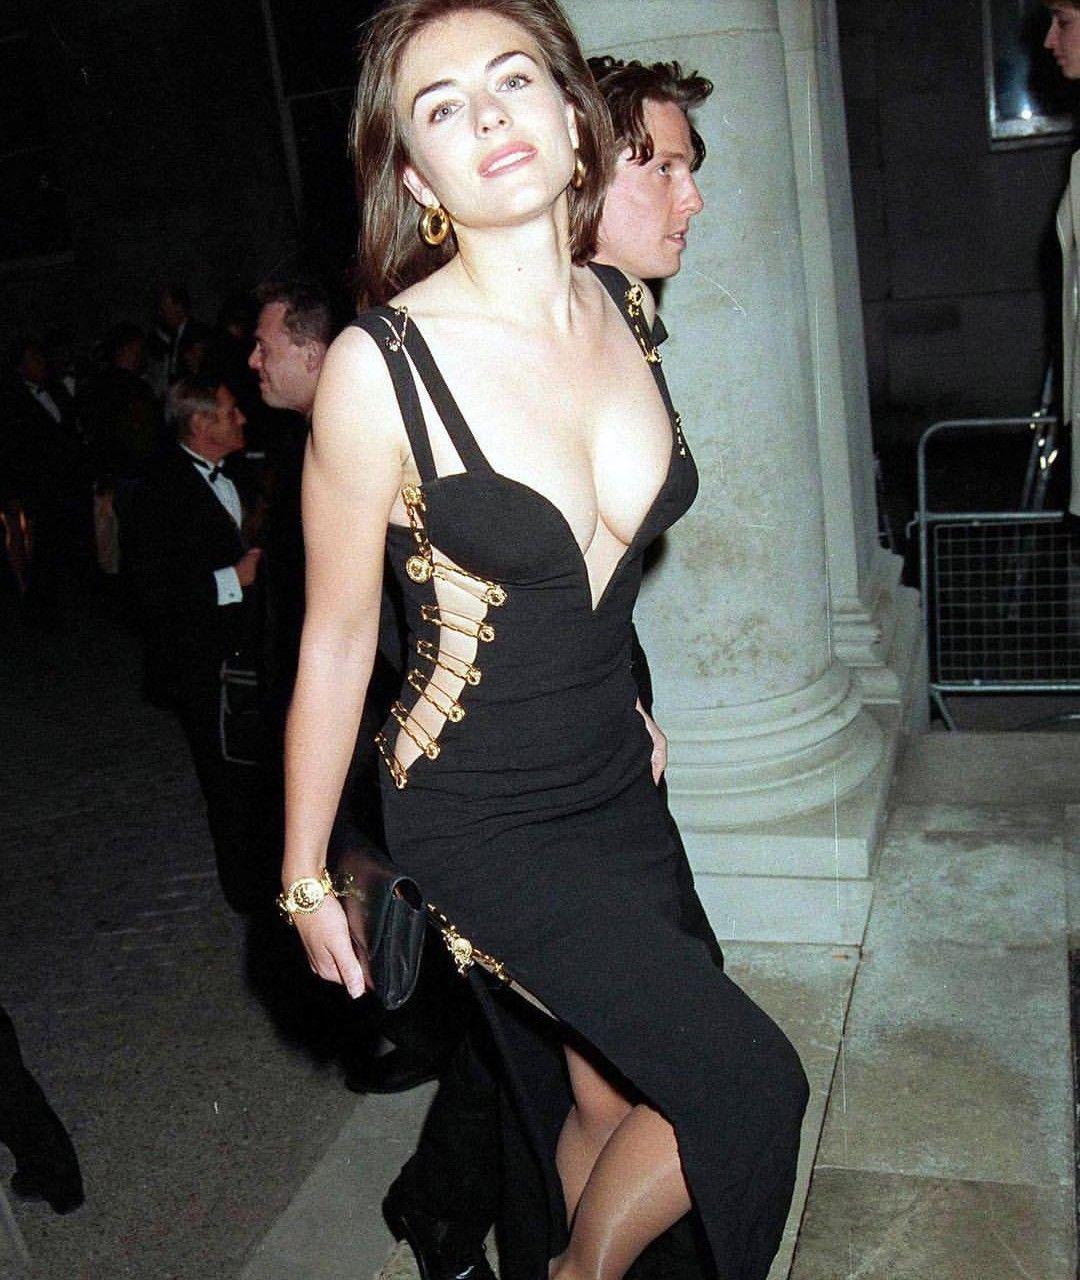 Versace dress Liz Hurley | Elizabeth hurley, Kleider, Schwarzes kleid